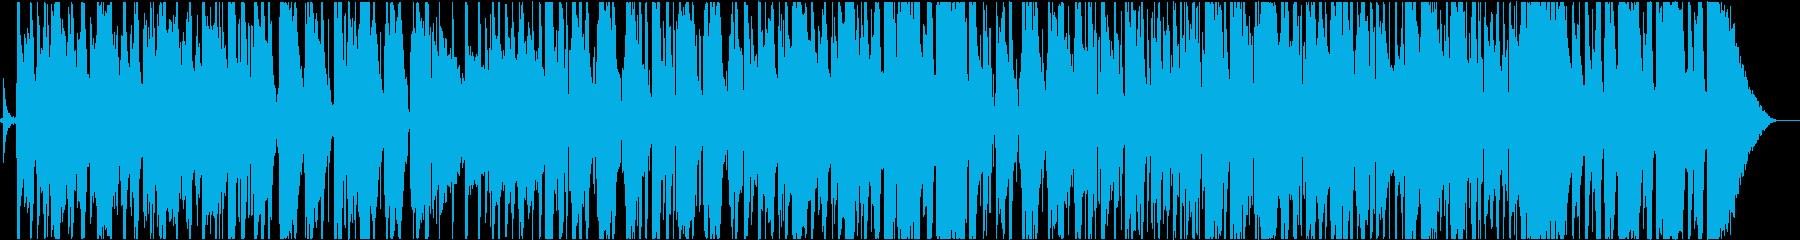 「サーカス音楽」の影響を受けた風変...の再生済みの波形